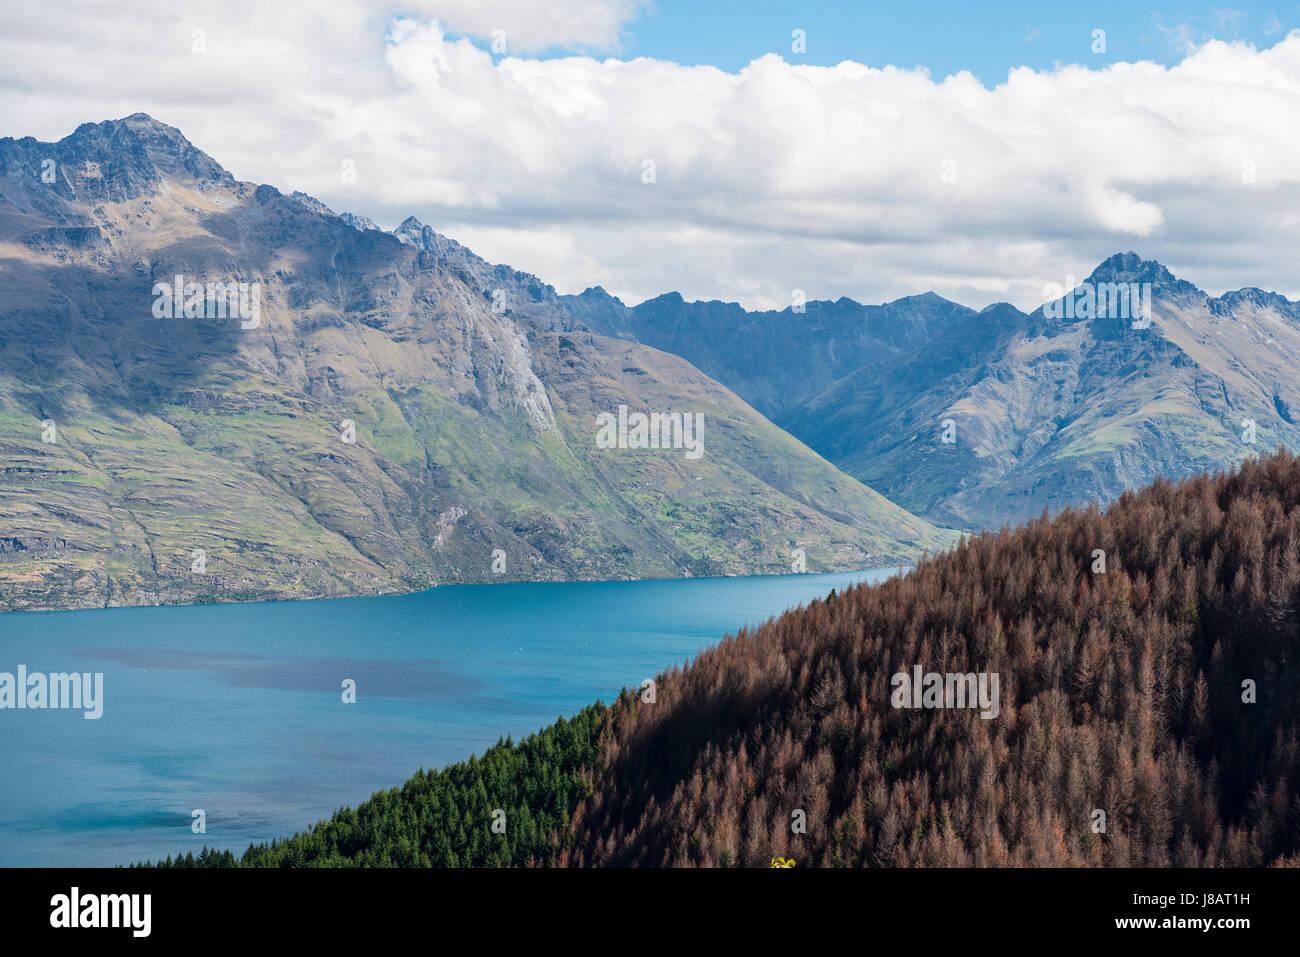 Vue sur le lac Wakatipu, Ben Lomond, Otago, île du Sud, Nouvelle-Zélande Photo Stock